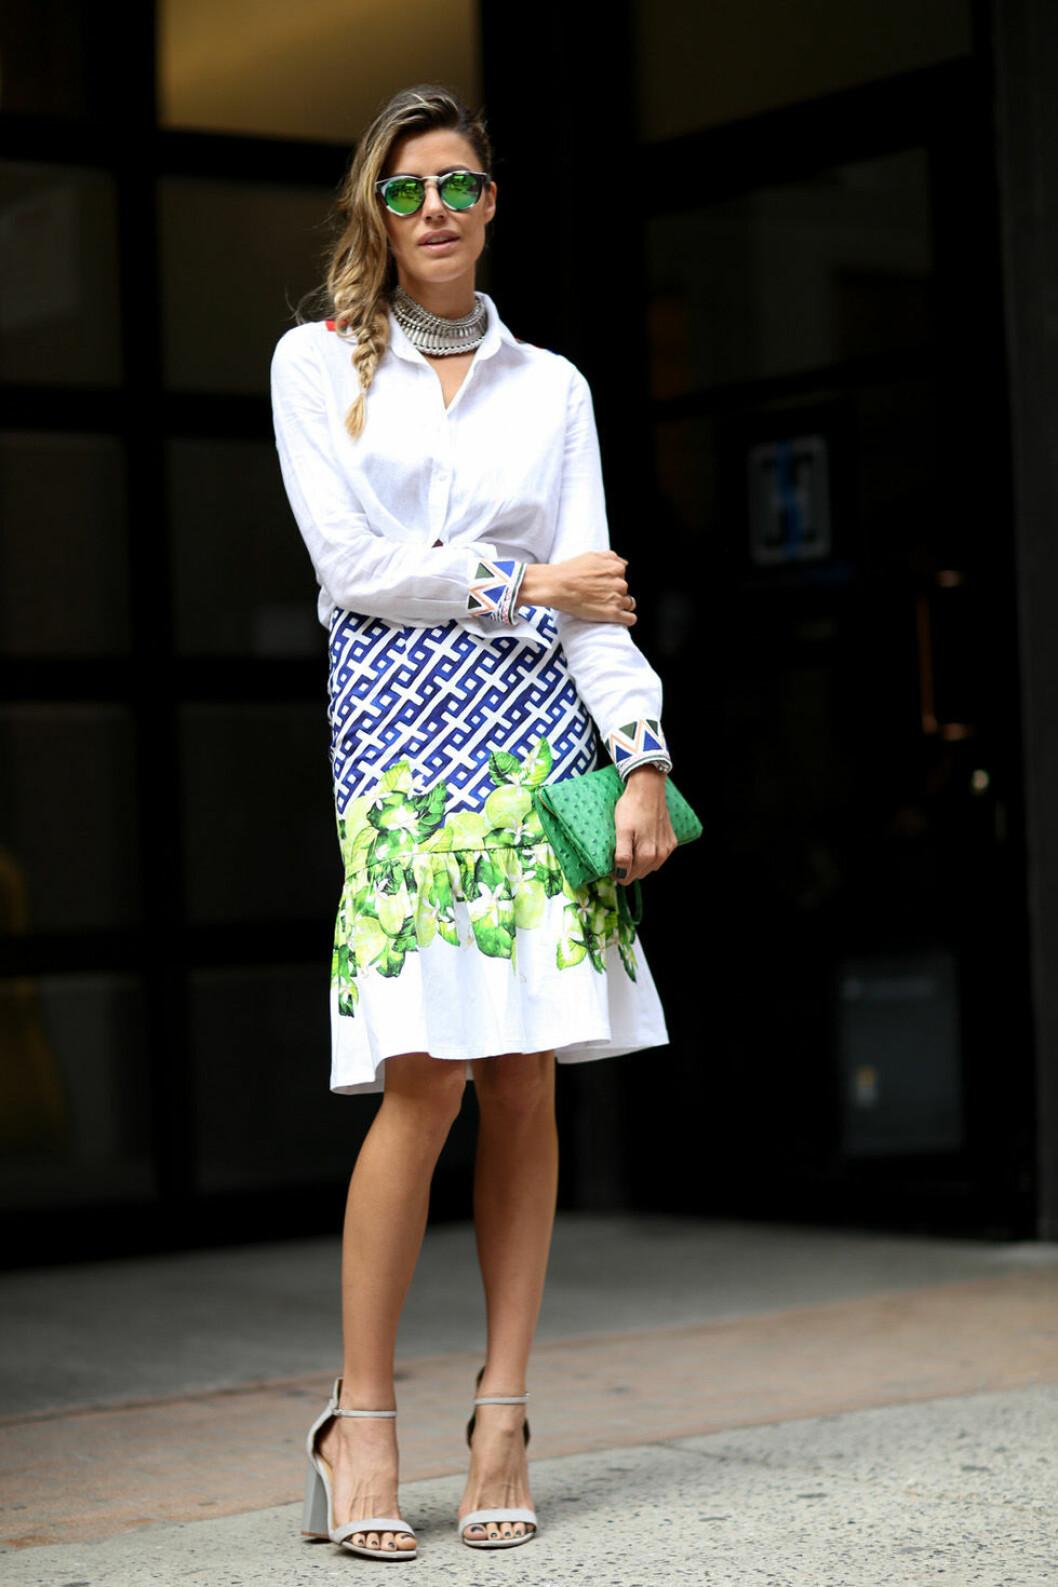 Vit skjorta och mönstrad kjol.